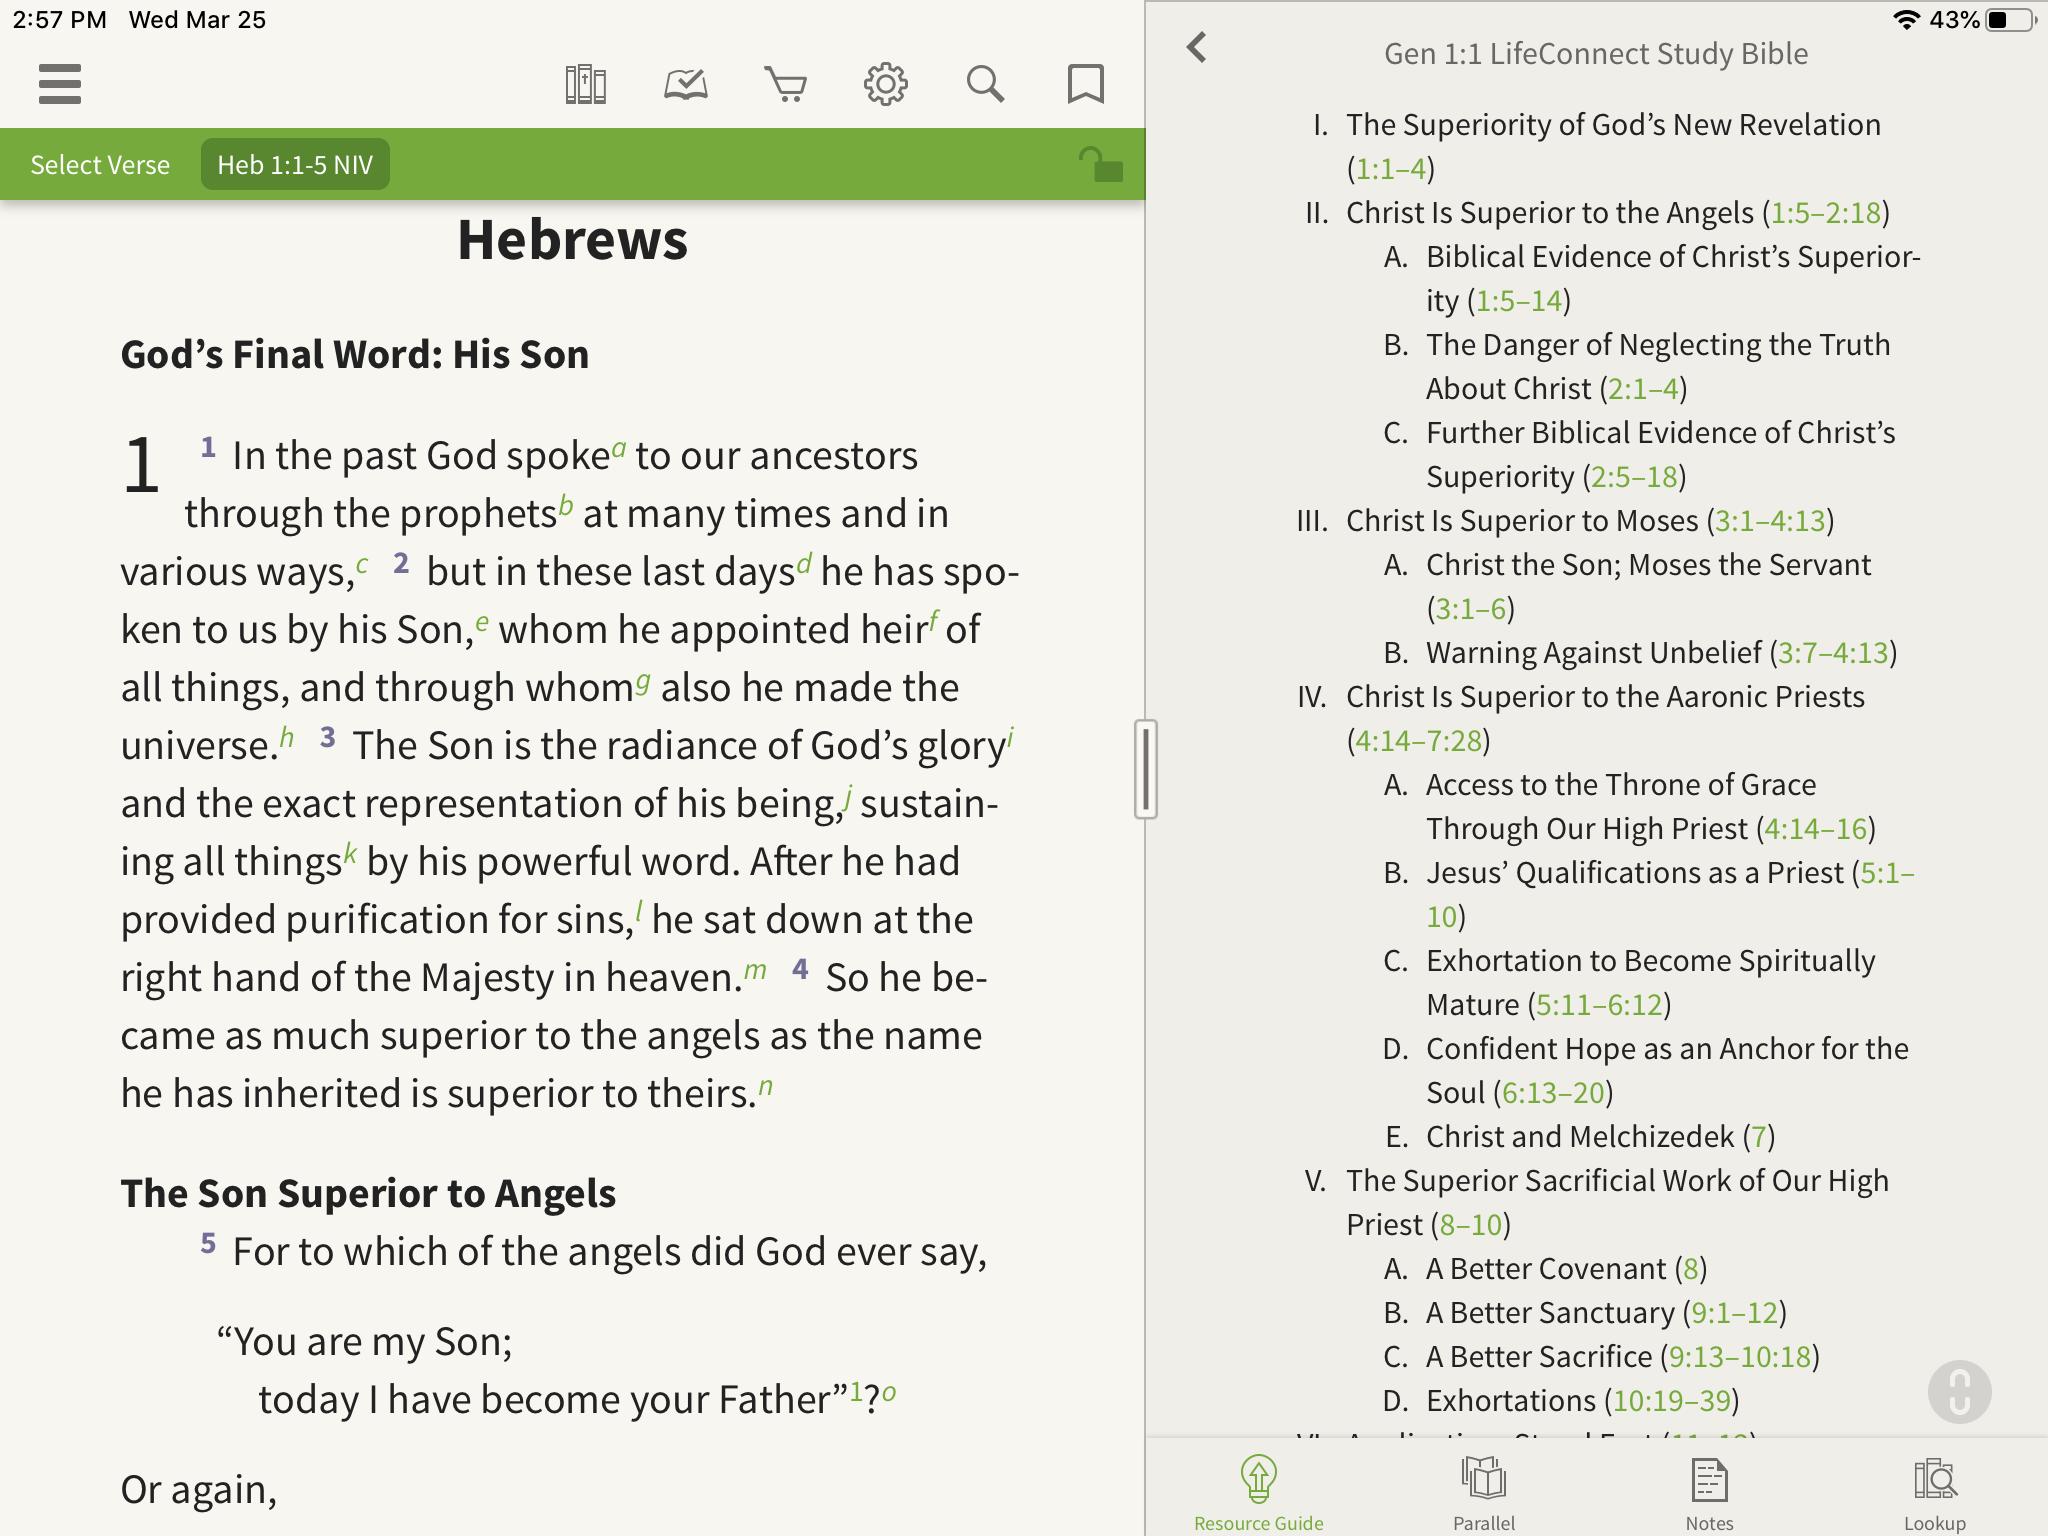 Outlines of Hebrews